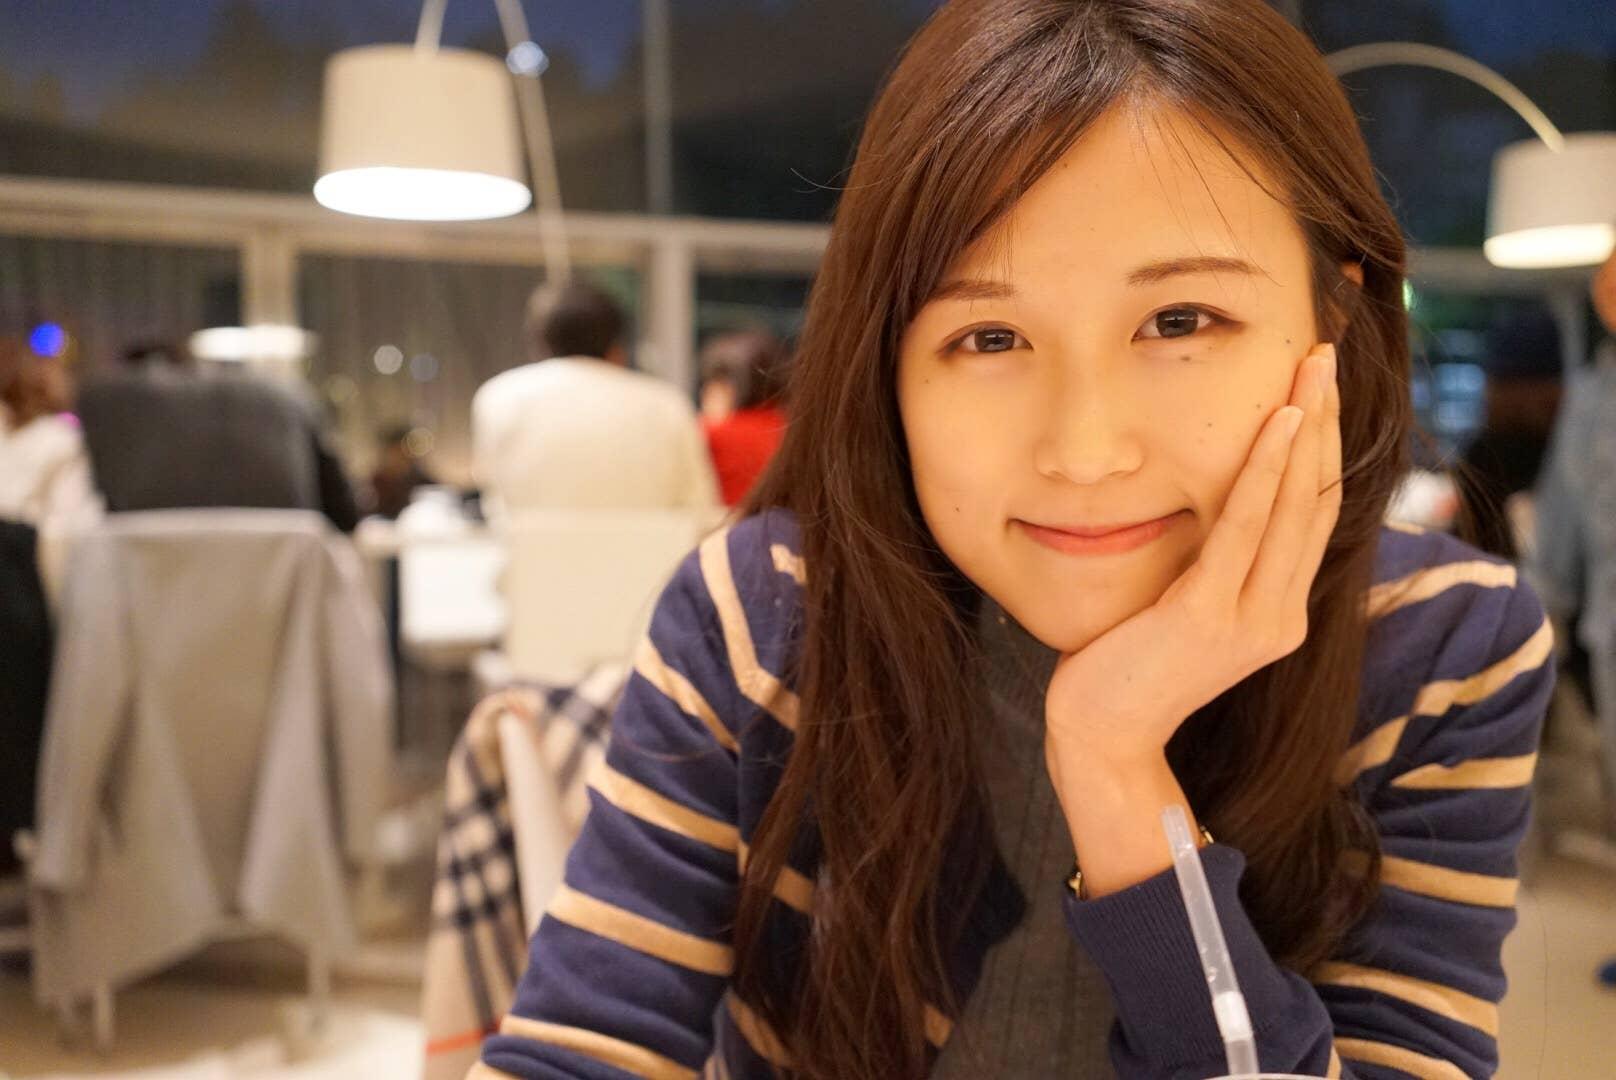 Aiko Iwasaki